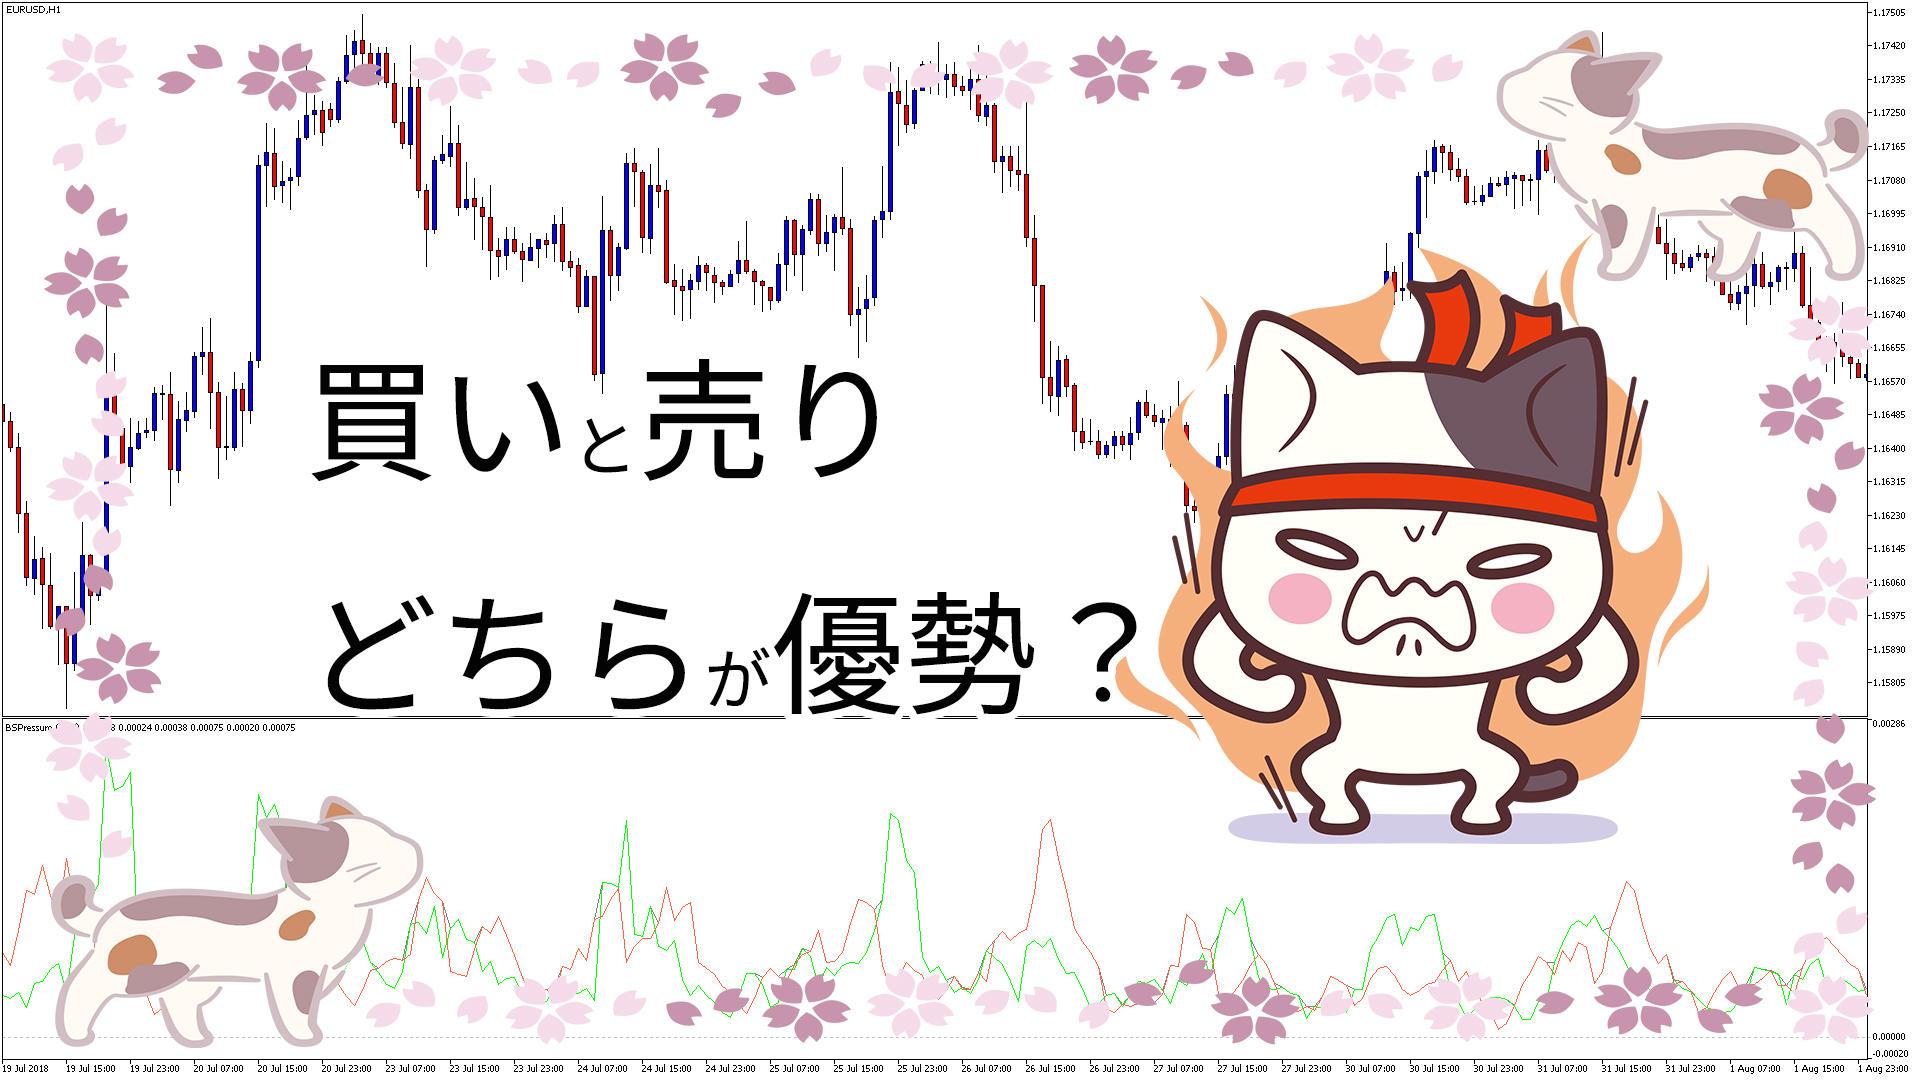 買いと売りの圧力を表示するMT5インジケーター「Buying_selling_Pressure」